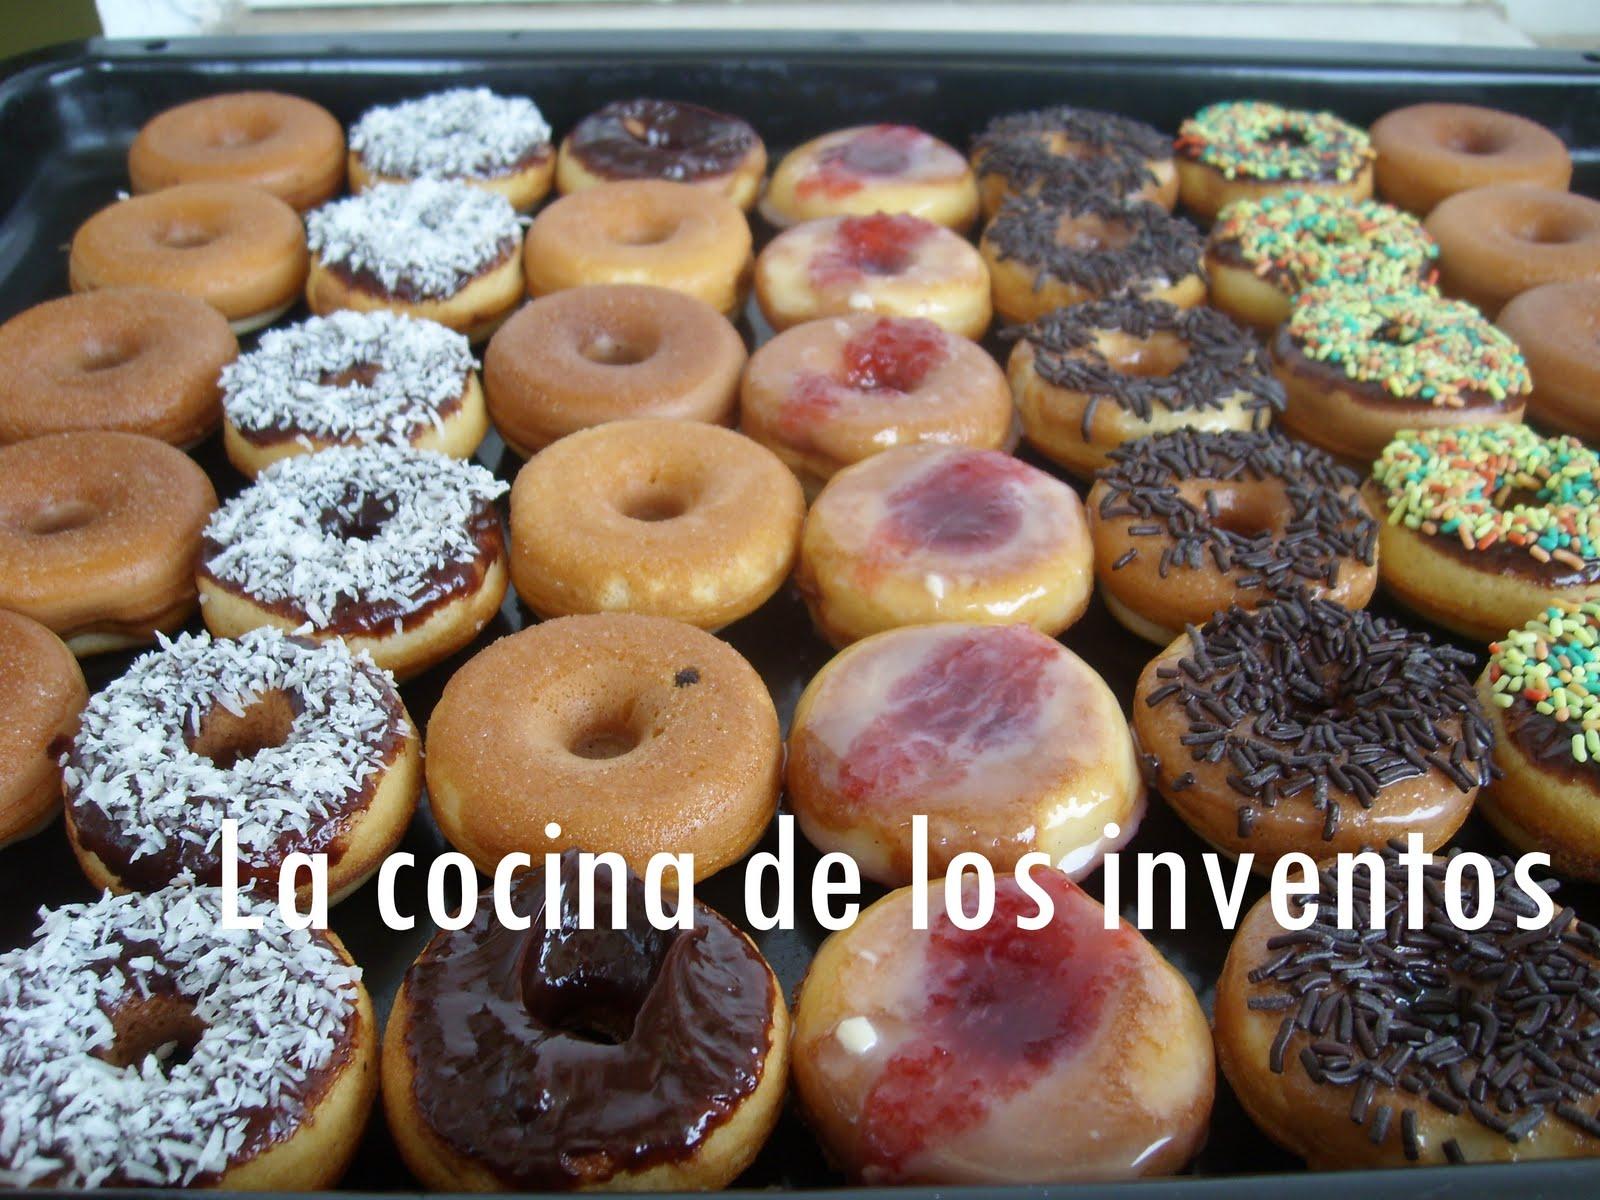 La cocina de los inventos mini donuts berlinera lidl for Cocina lidl madera